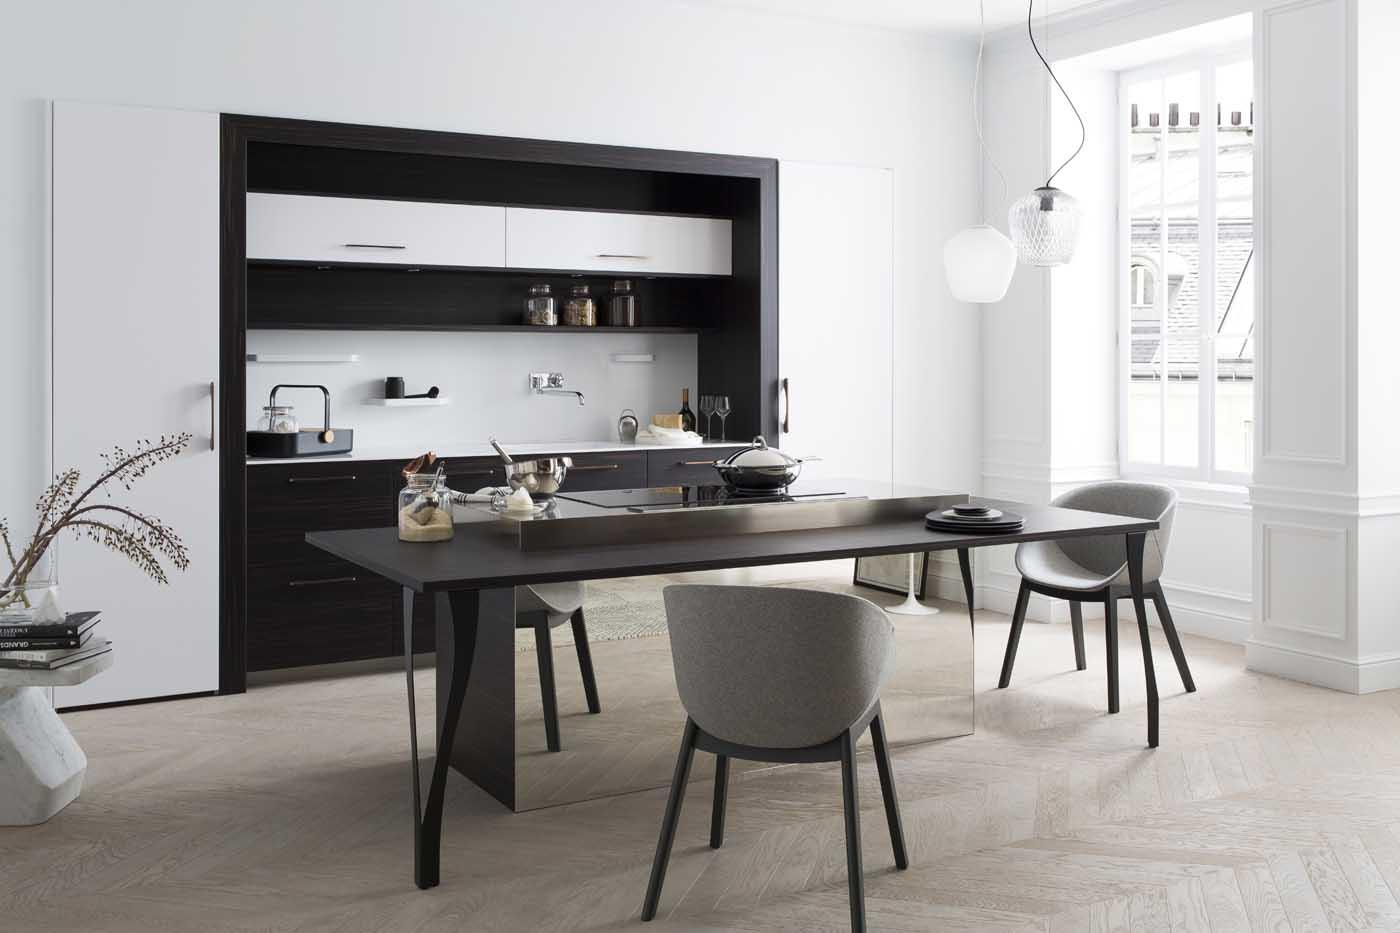 cuisine b600h placage eb ne de macassar l500 laque blanc pur soft perene lyon. Black Bedroom Furniture Sets. Home Design Ideas